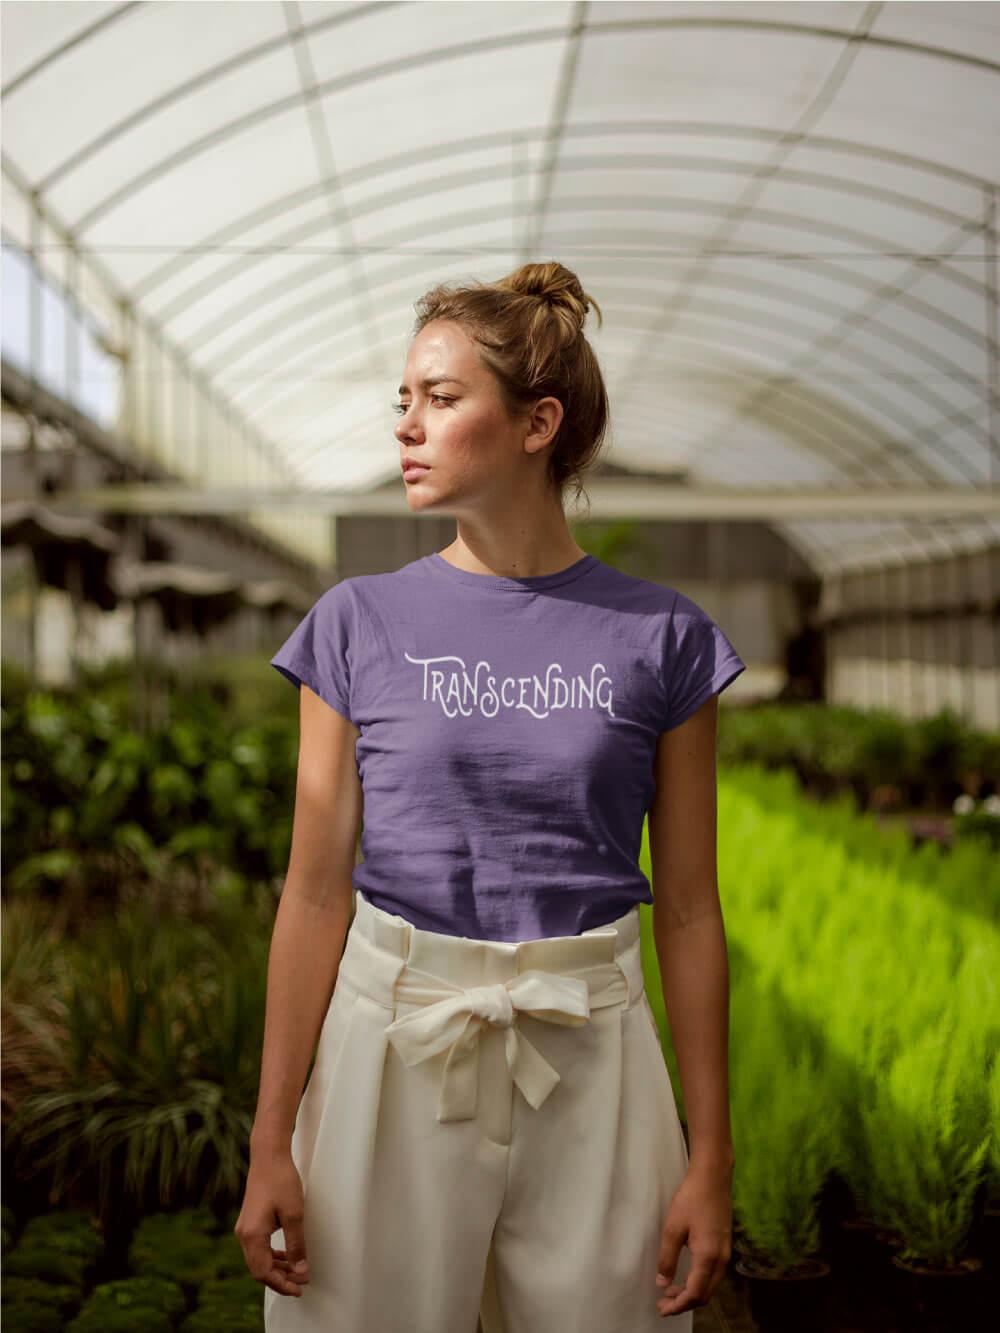 AwakeNAware.com-Awake-&-Aware-Girl-in-Green-House-Wearing-Transcending-Goddess-TShirt